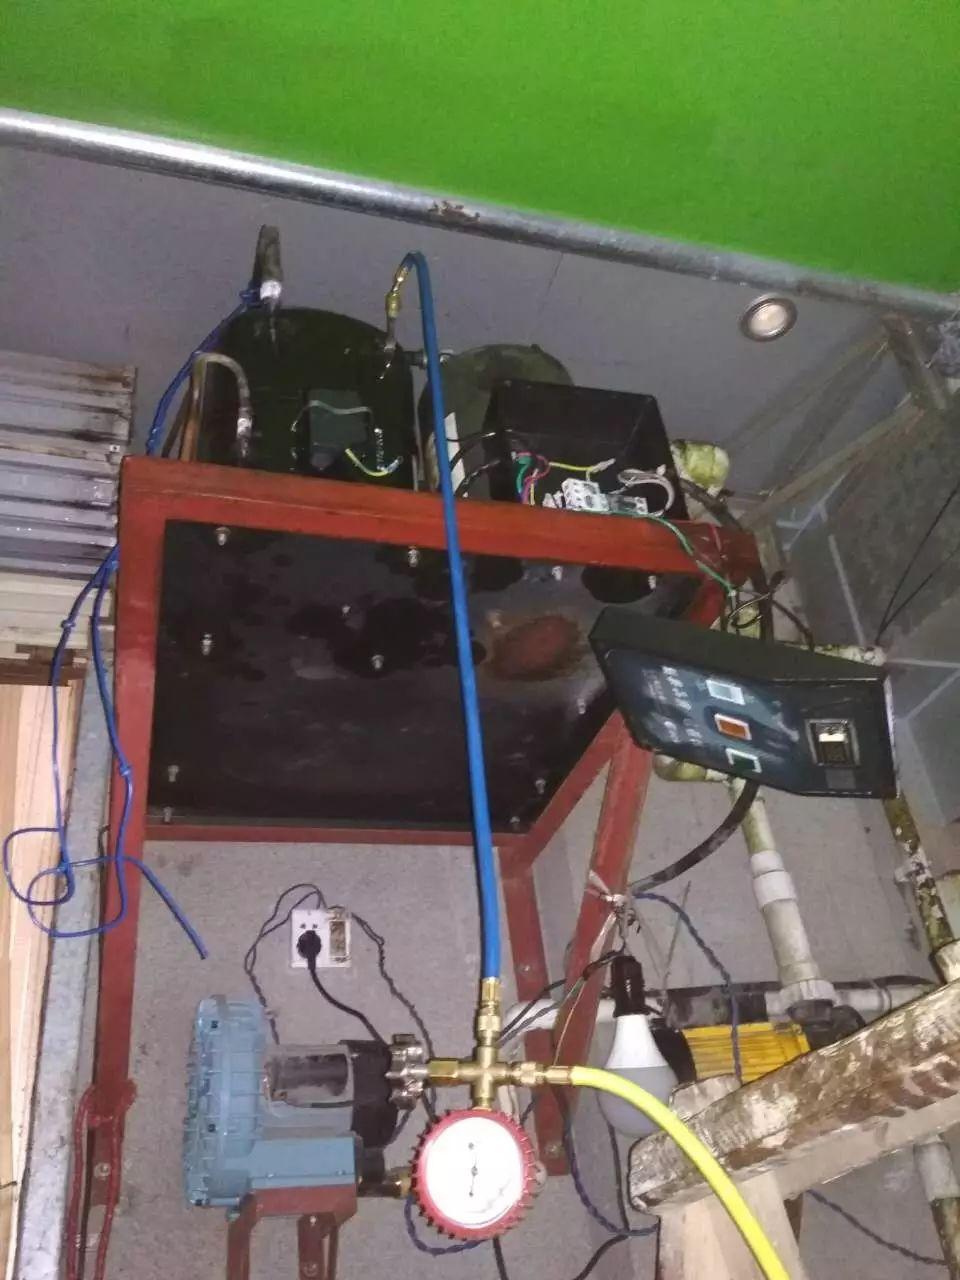 湛江精修 空调 冰箱 电视 洗衣机 热水器 烟机灶